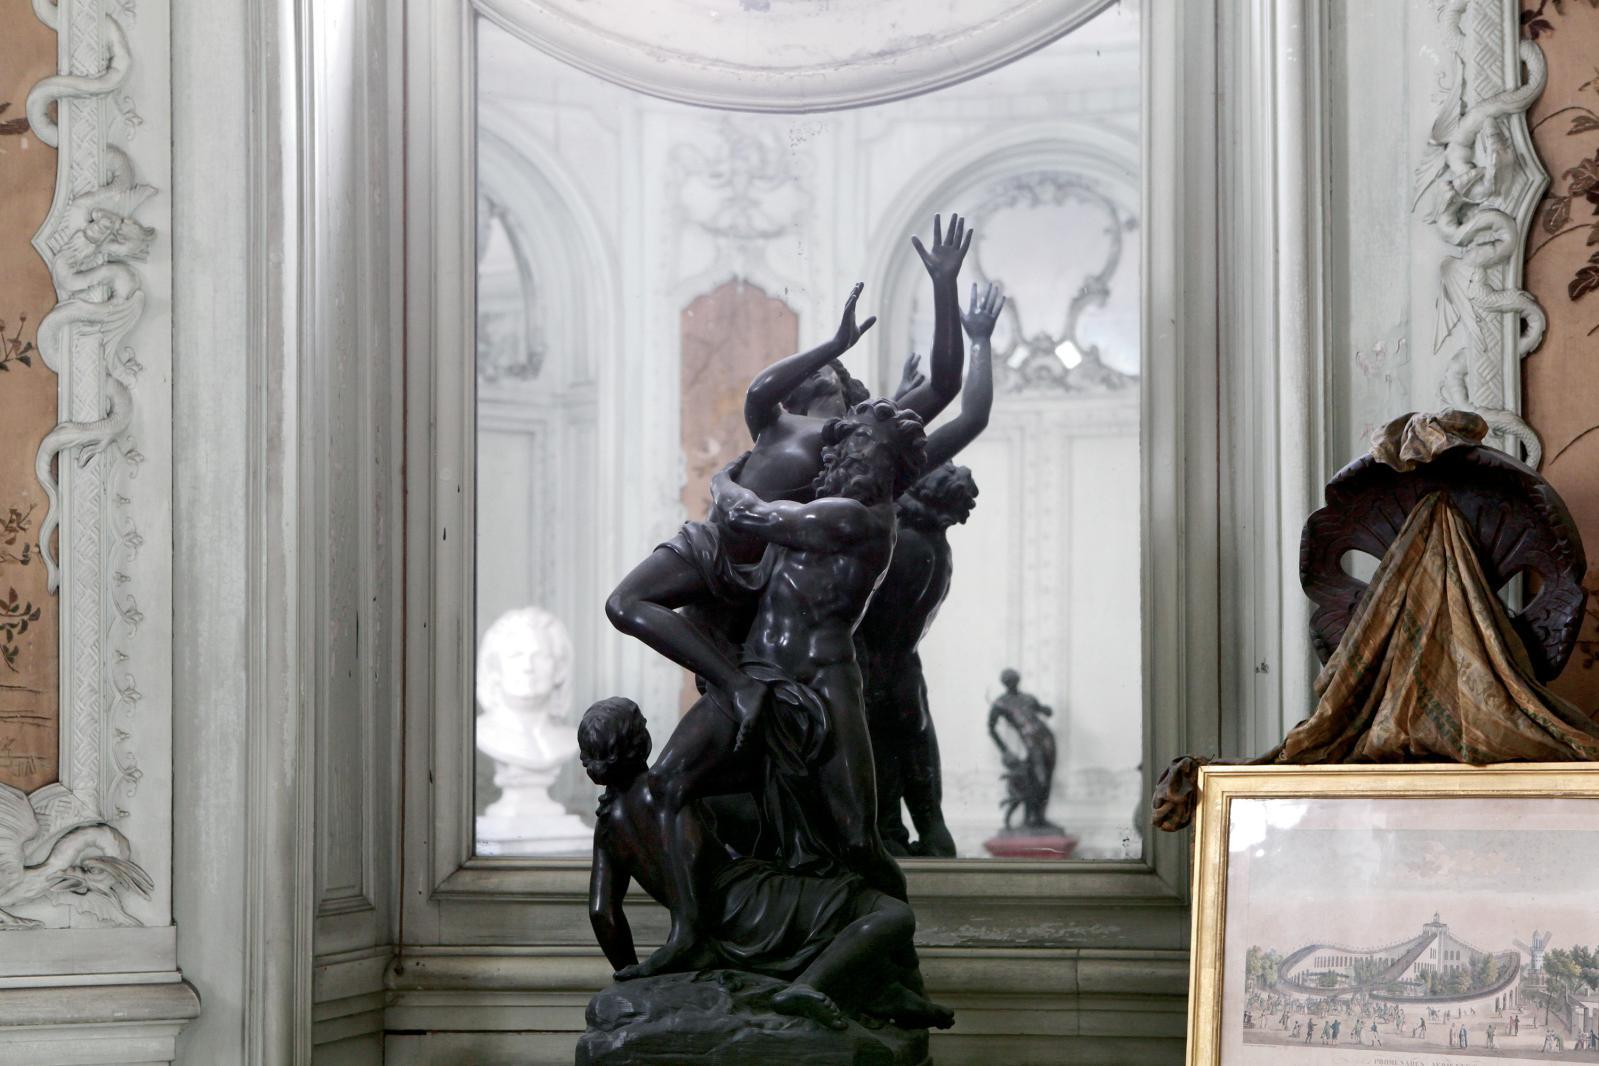 La rotonde Balzac abrite plusieurs sculptures dans un décor de boiseries anciennes. ©FNAGP